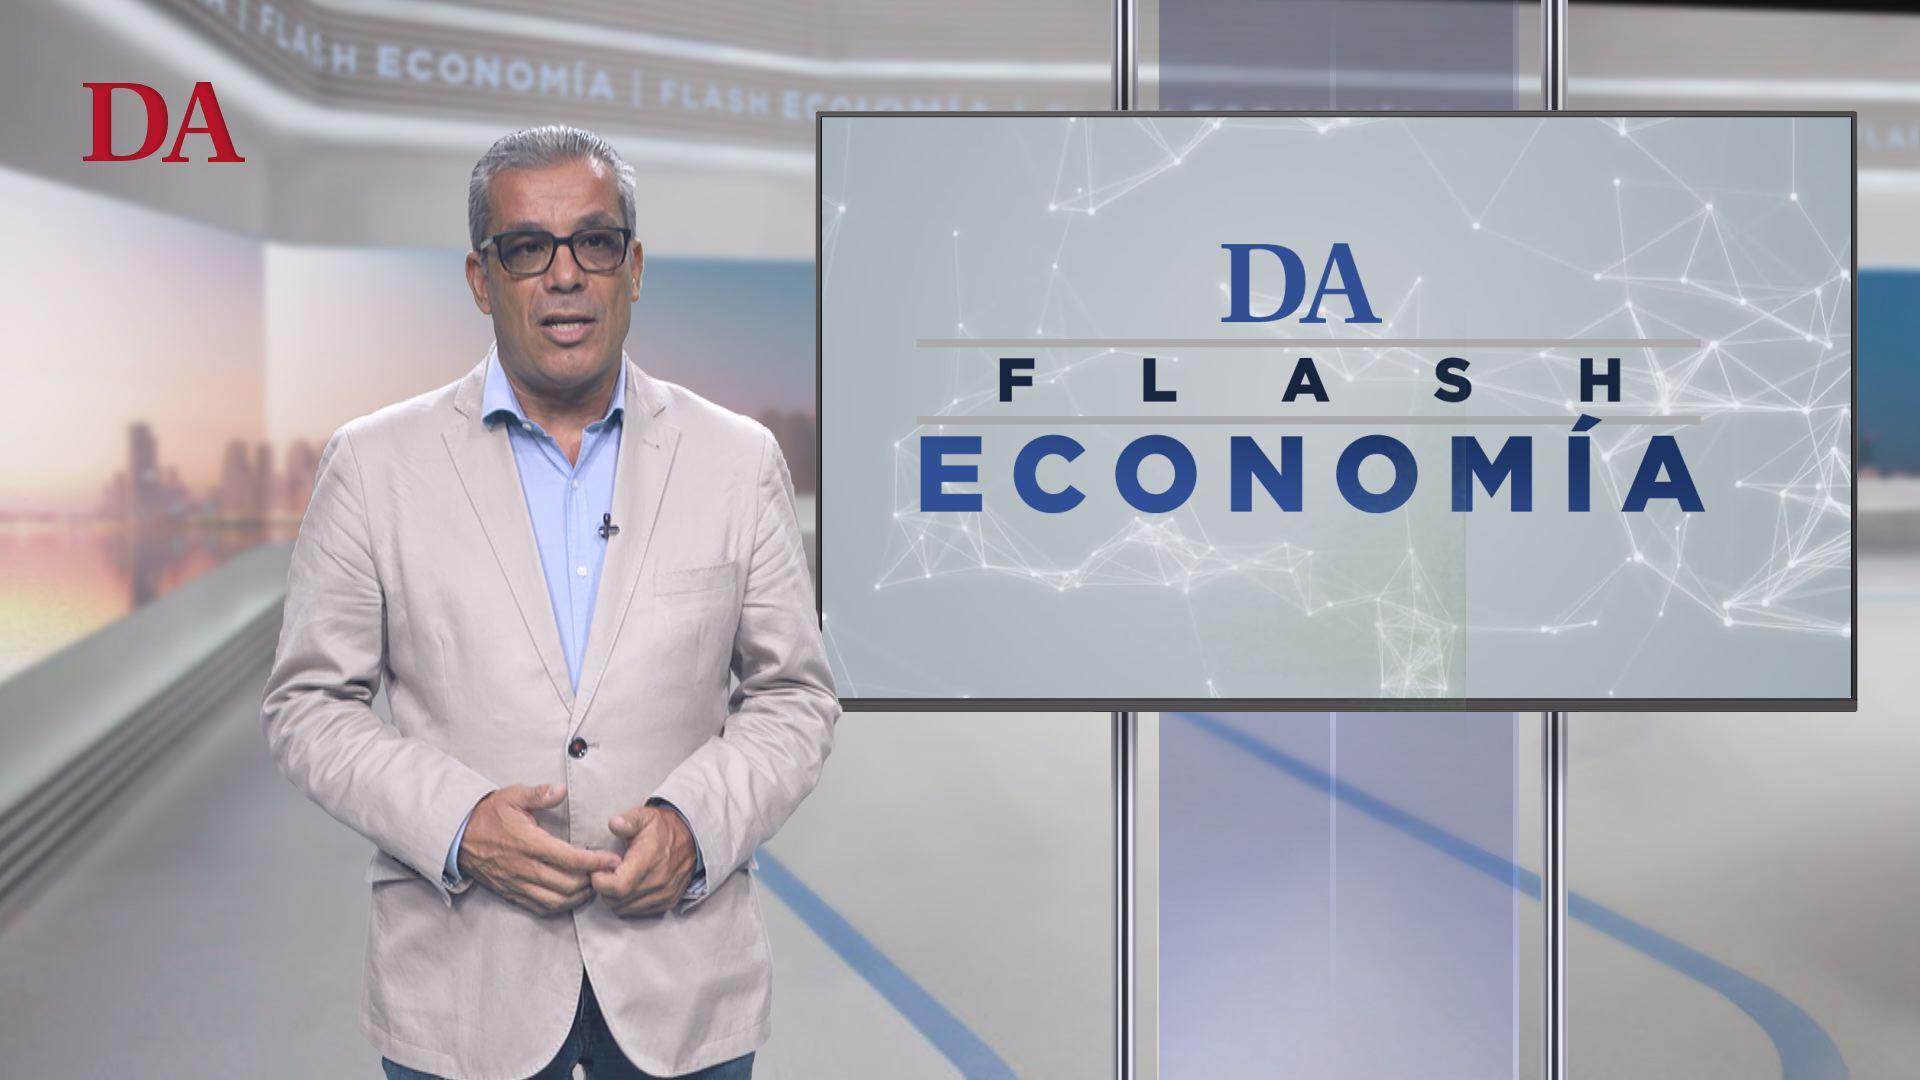 Flash economía del 15 de septiembre. DAMedia